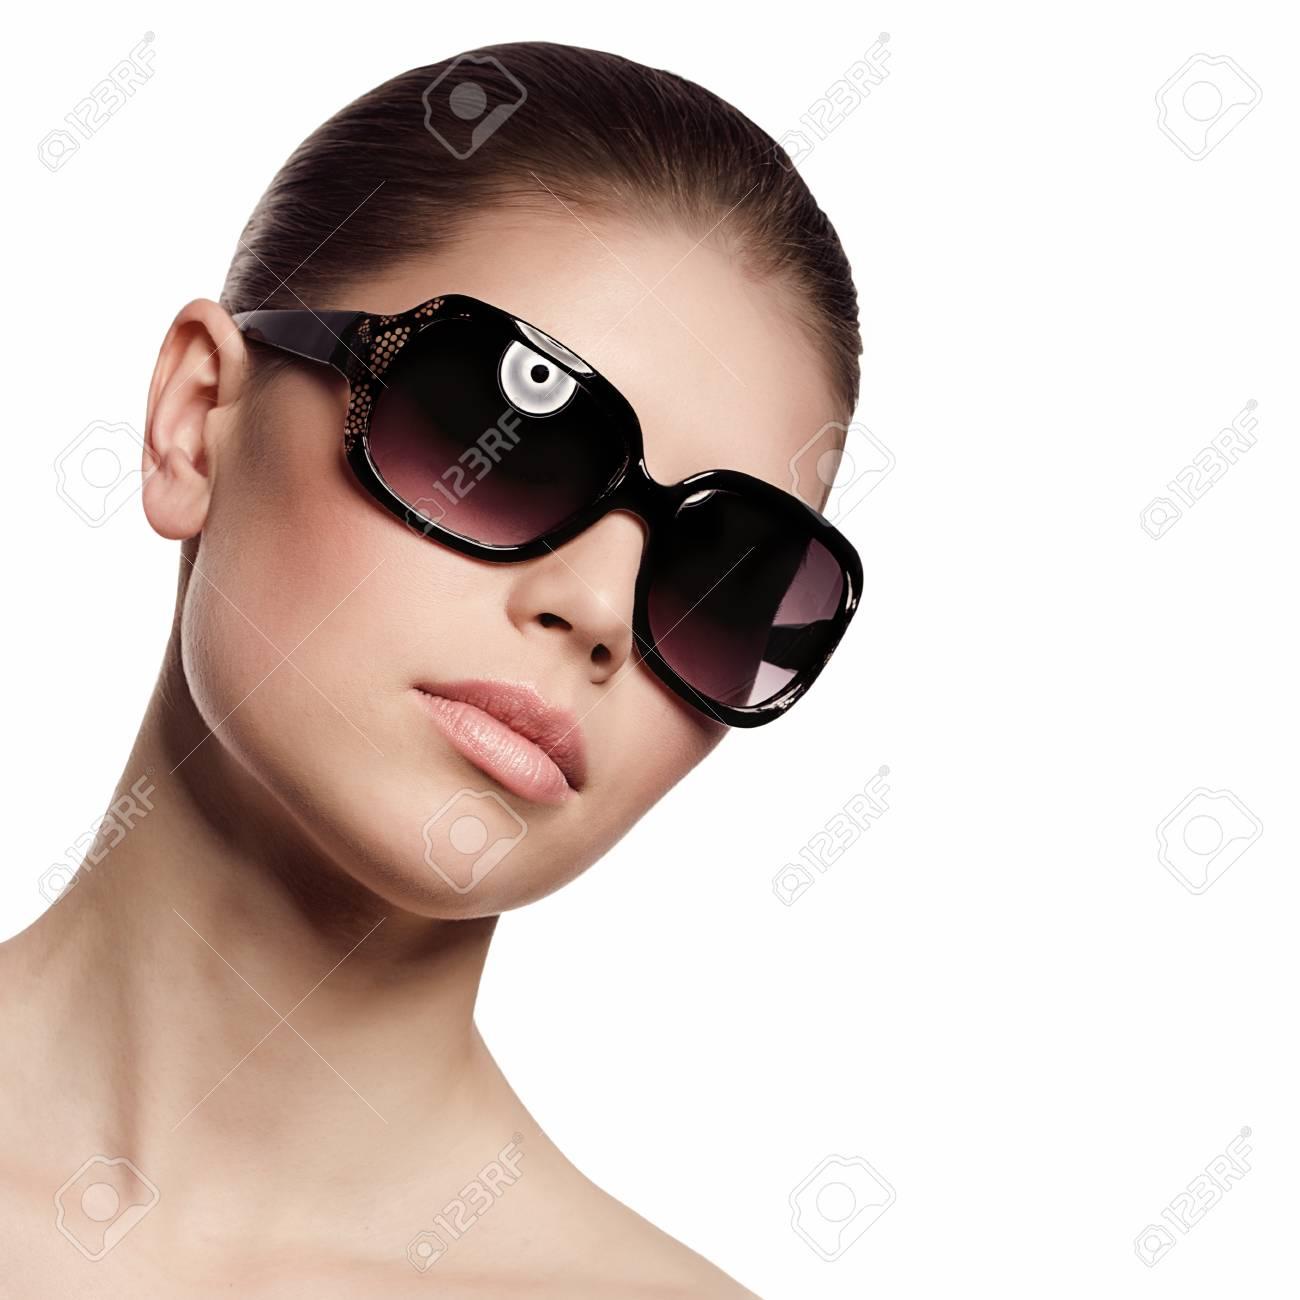 d68b577e87edcb Modieuze vrouw in zonnebril geïsoleerd op witte achtergrond Stockfoto -  22300604